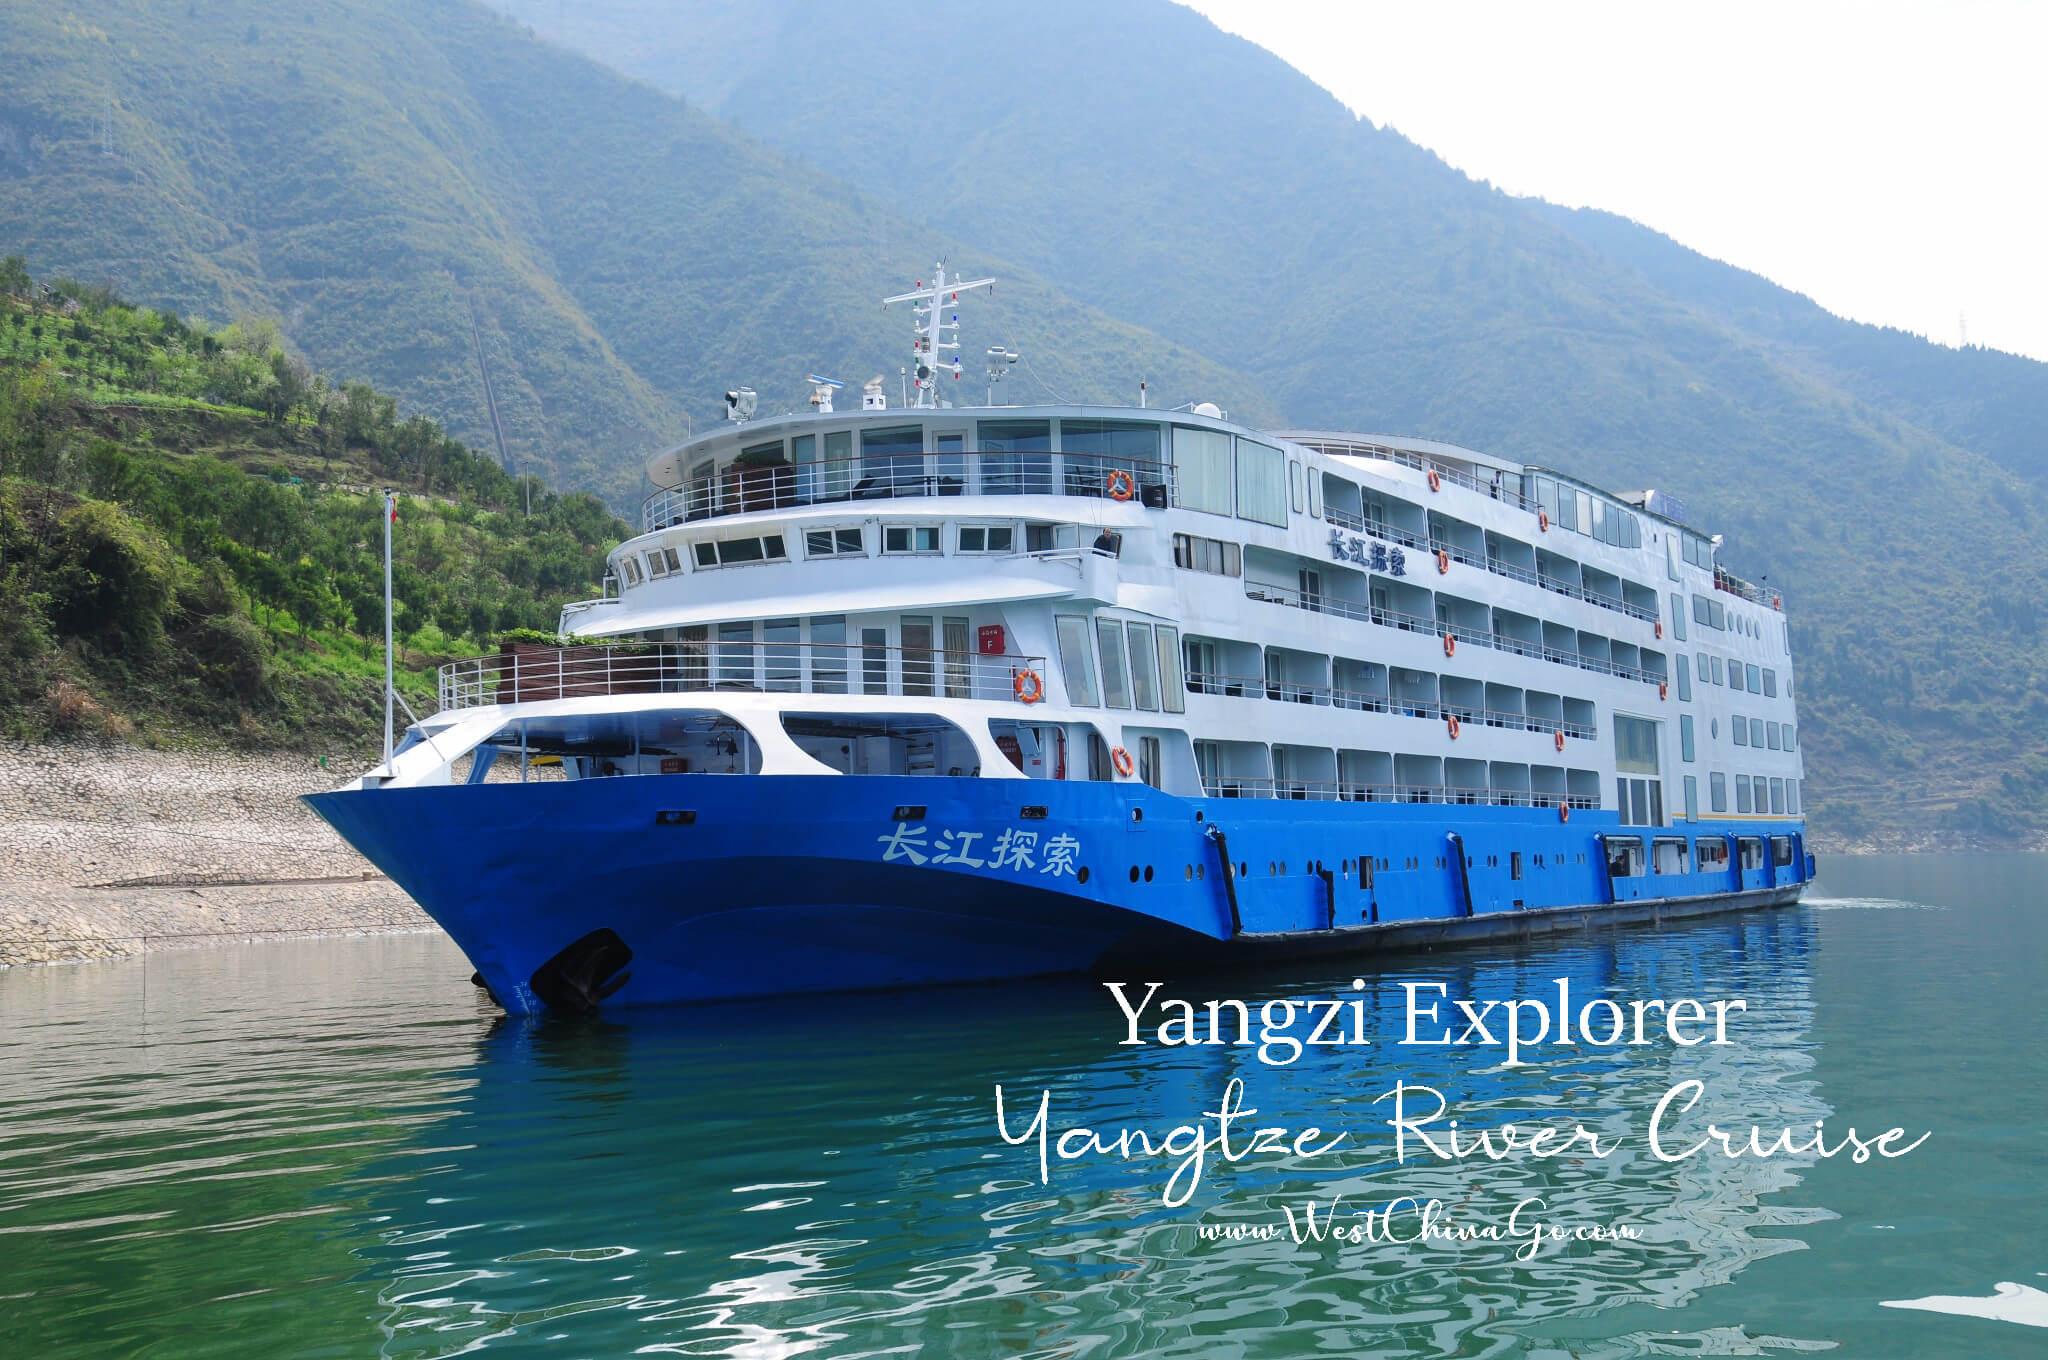 Yangzi Explorer